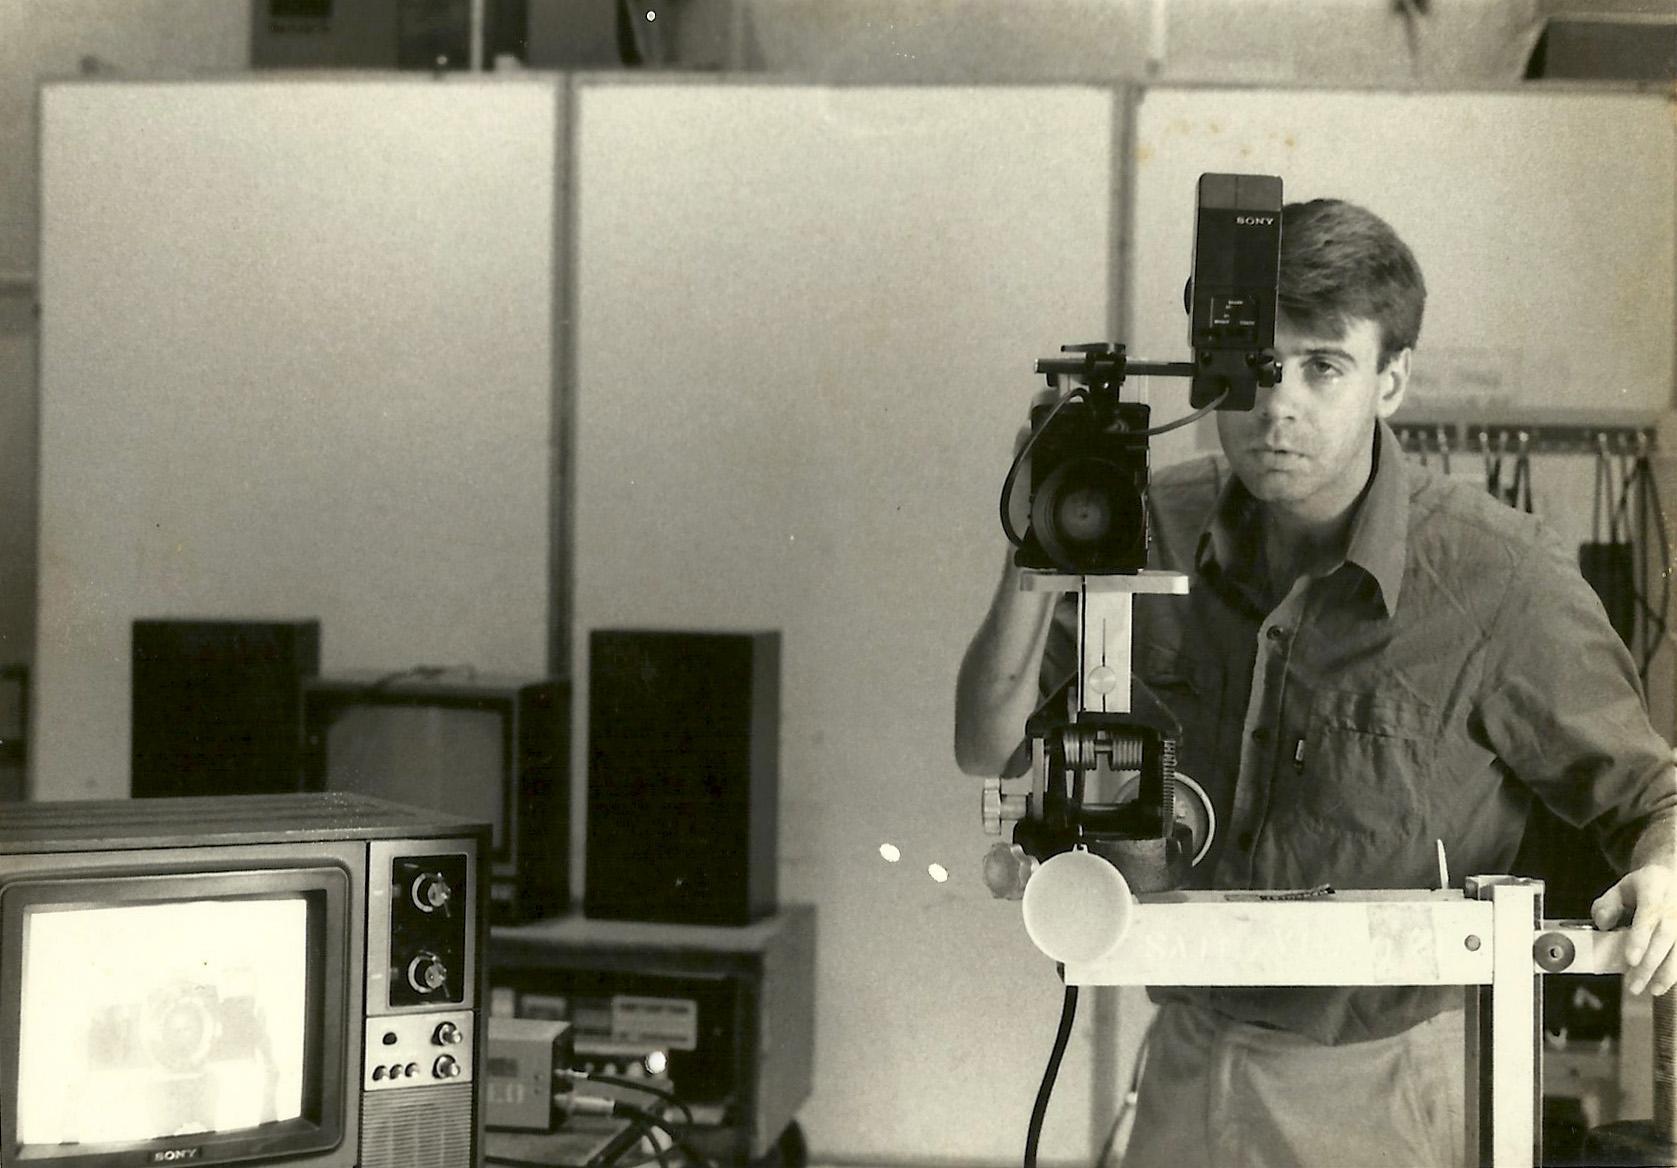 A imagem mostra Rafael usando uma câmera, com um olho nela e outro fora.